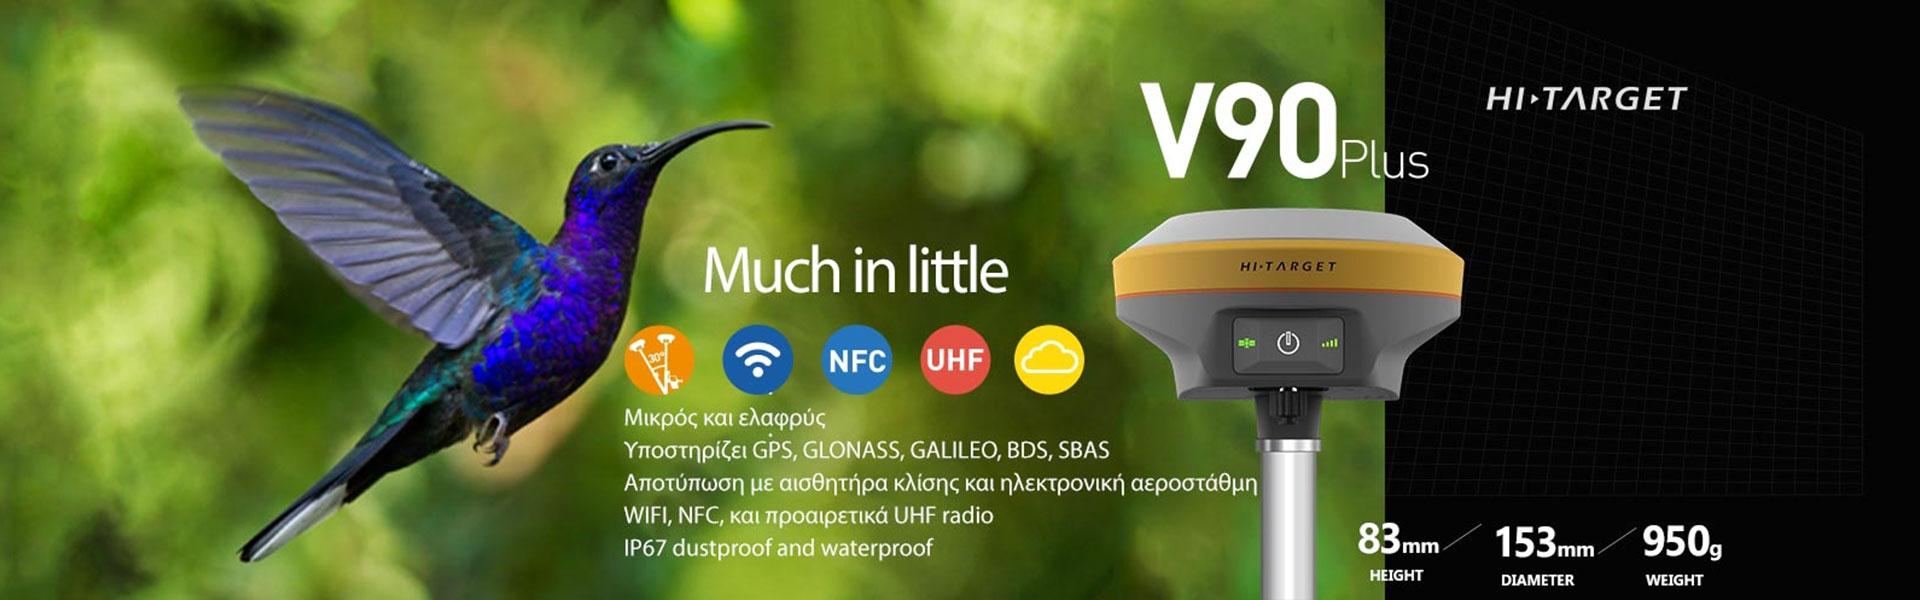 Hi-Target V90-plus GNSS